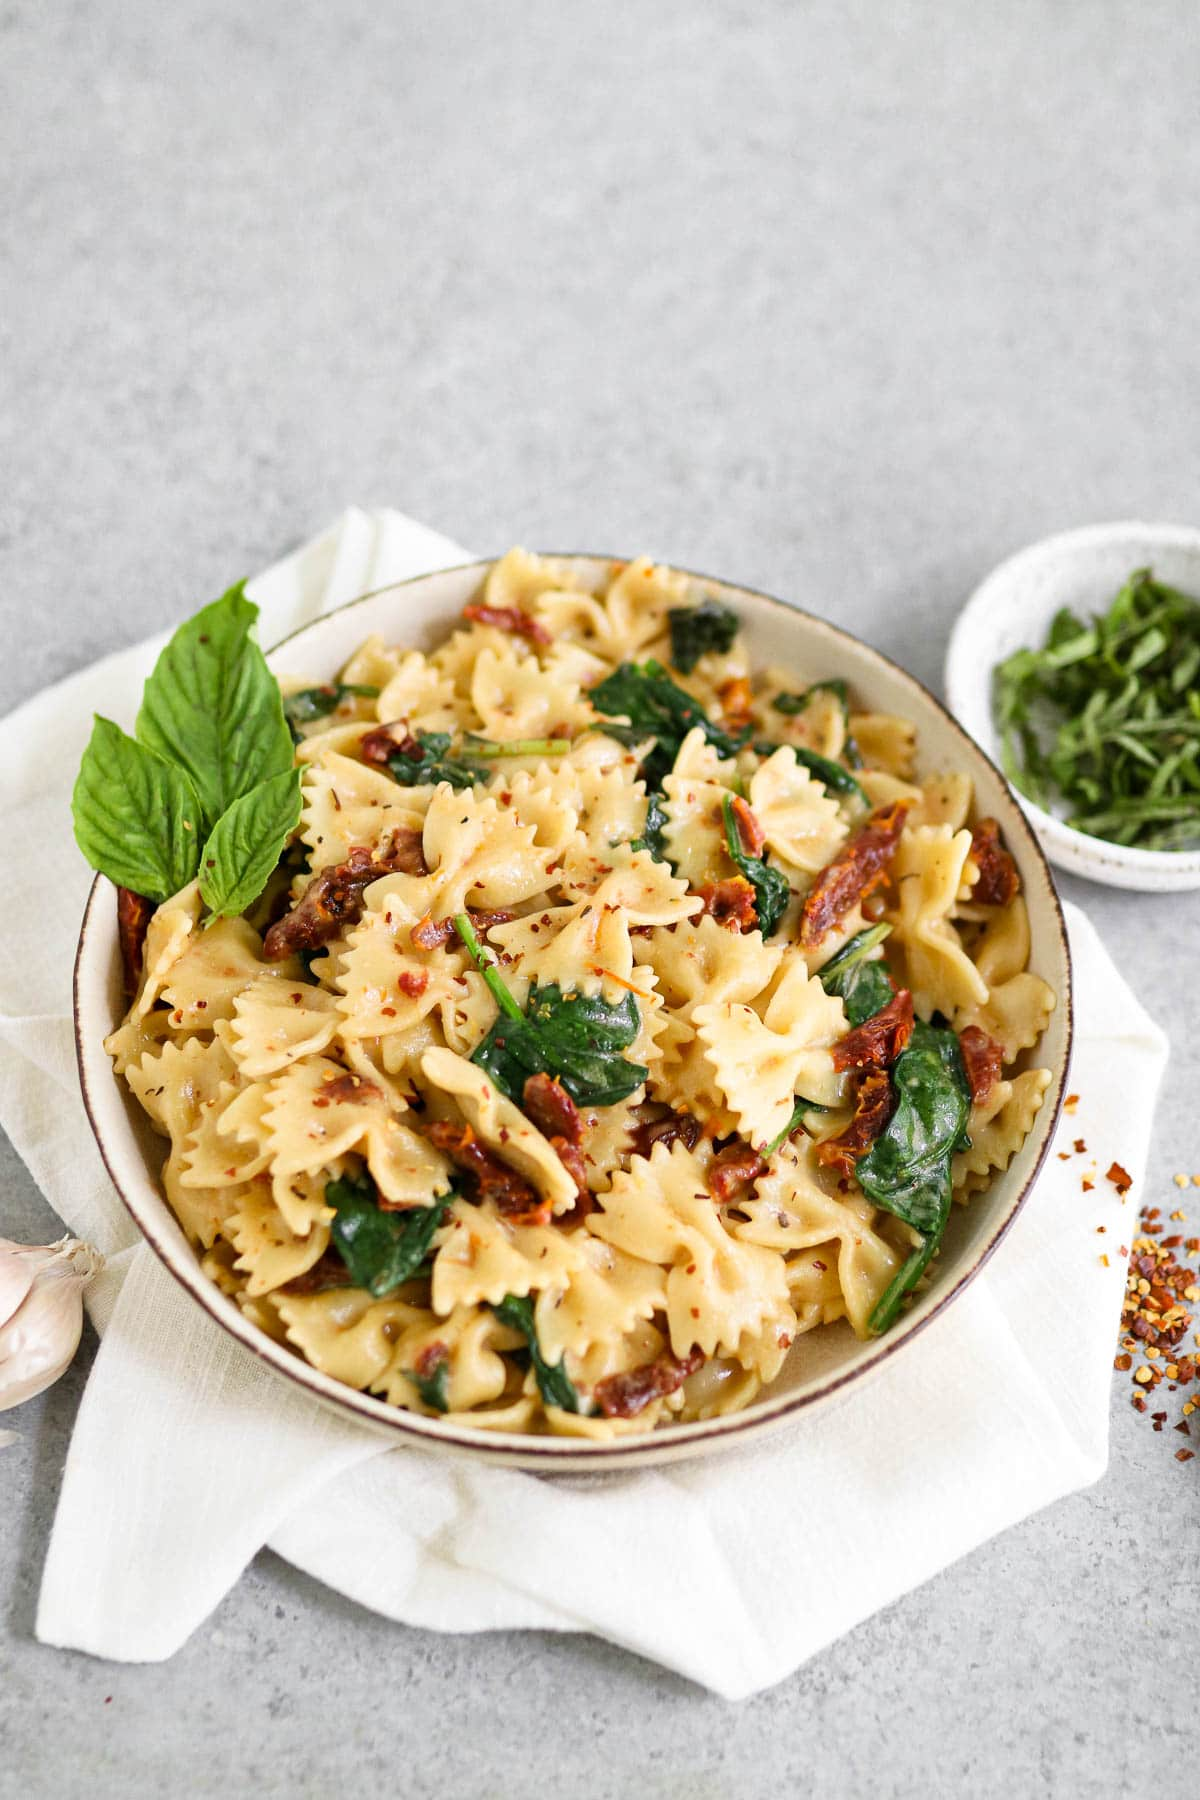 photo of finished pasta dish